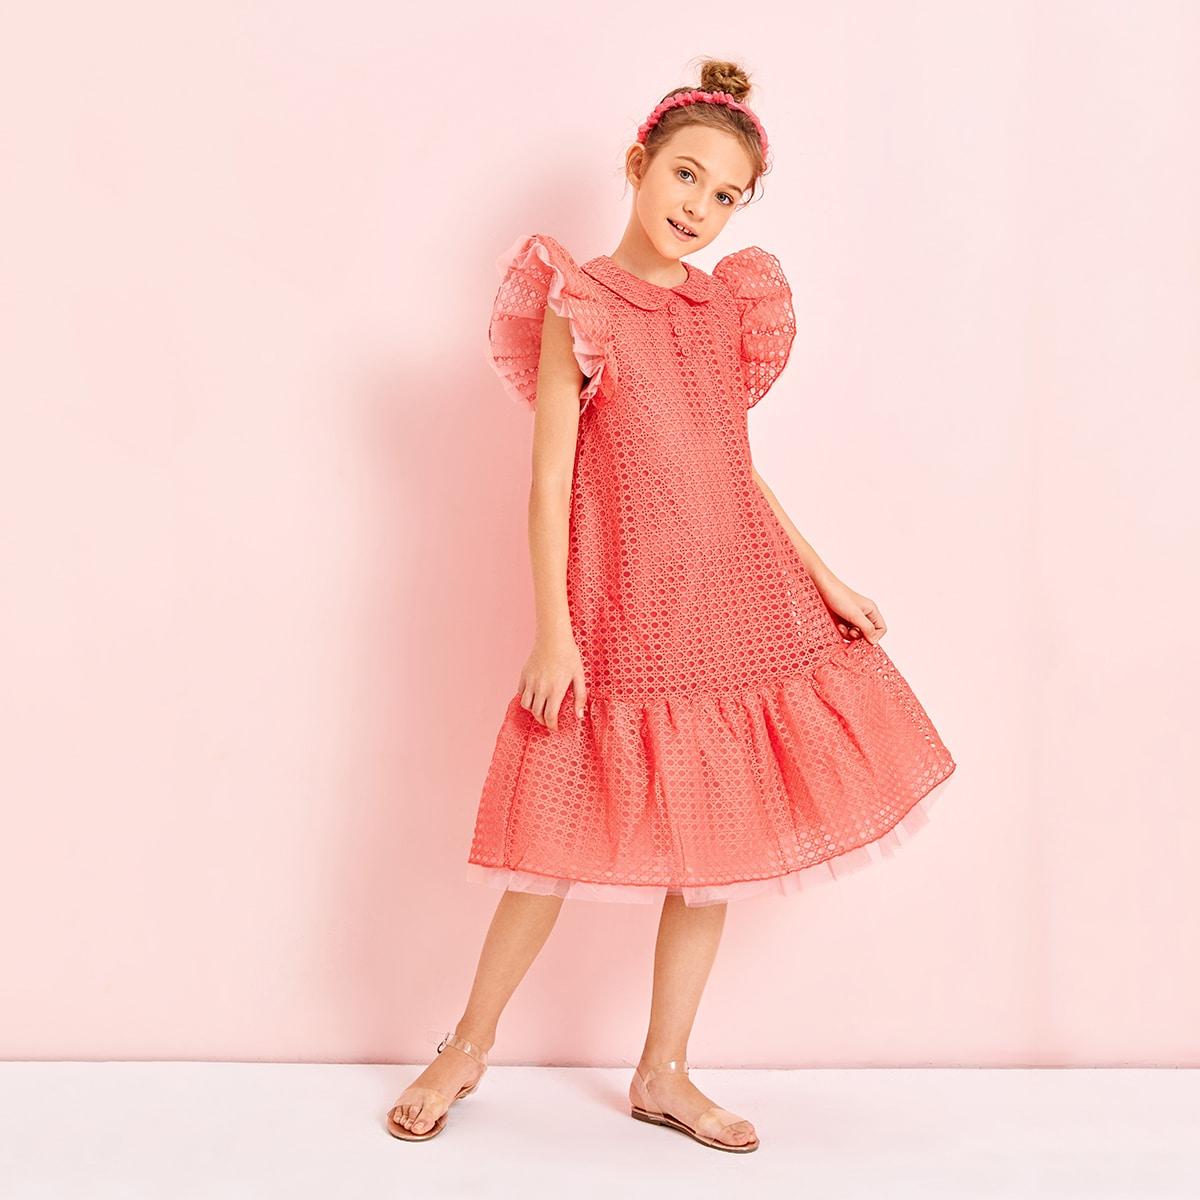 Сетчатое платье с пуговицами и оборками для девочек